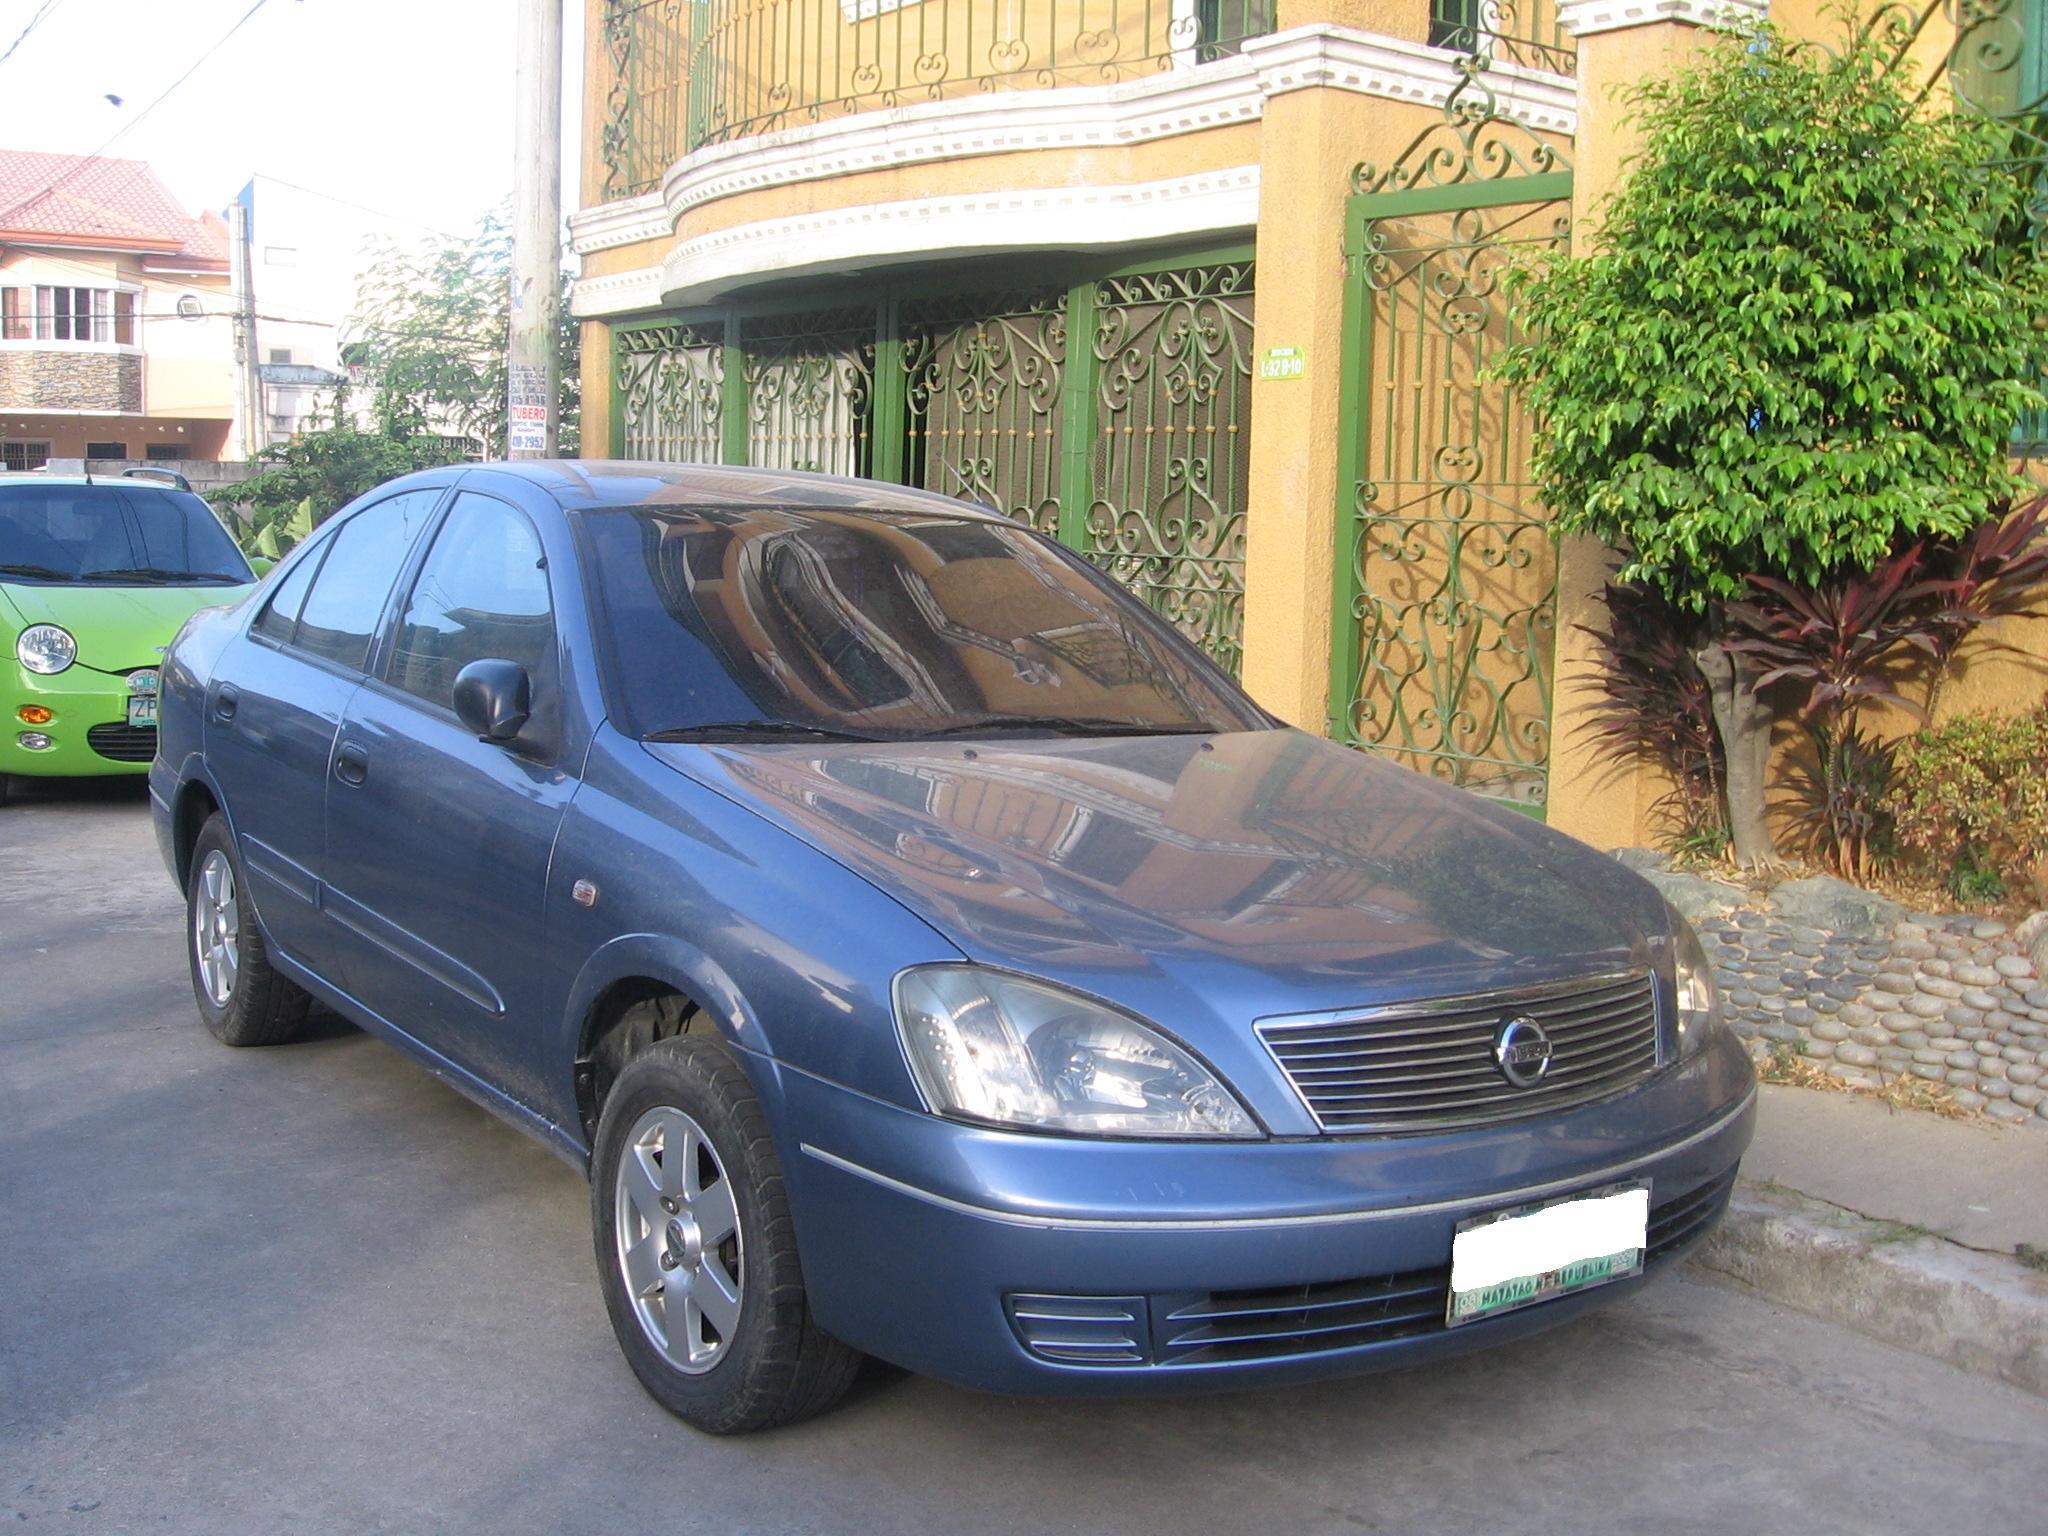 Nissan Sunny N16 2000 - 2005 Sedan #2